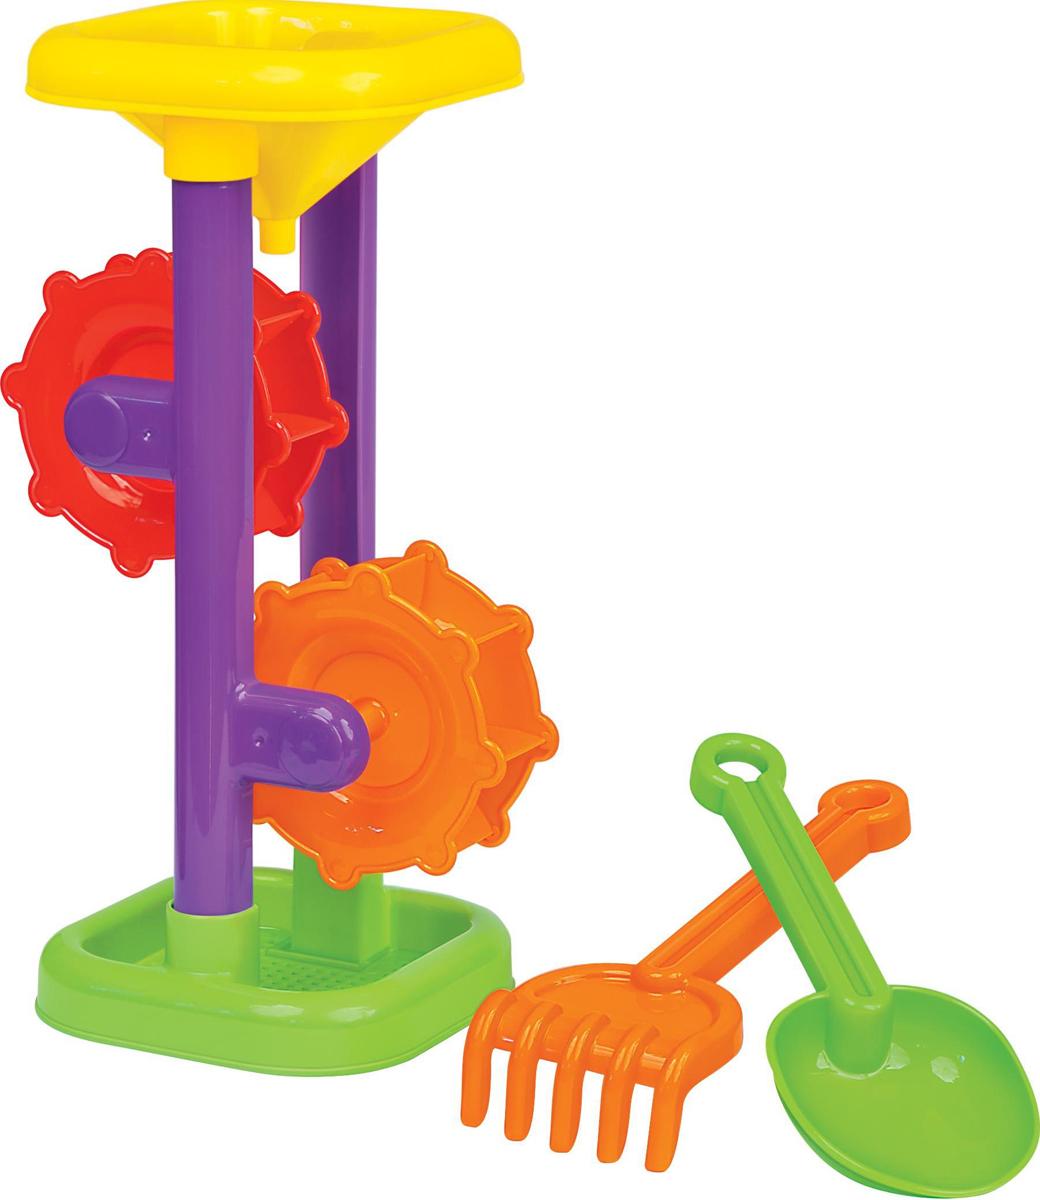 Фото - Полесье Набор игрушек для песочницы №281, цвет в ассортименте полесье набор игрушек для песочницы 468 цвет в ассортименте